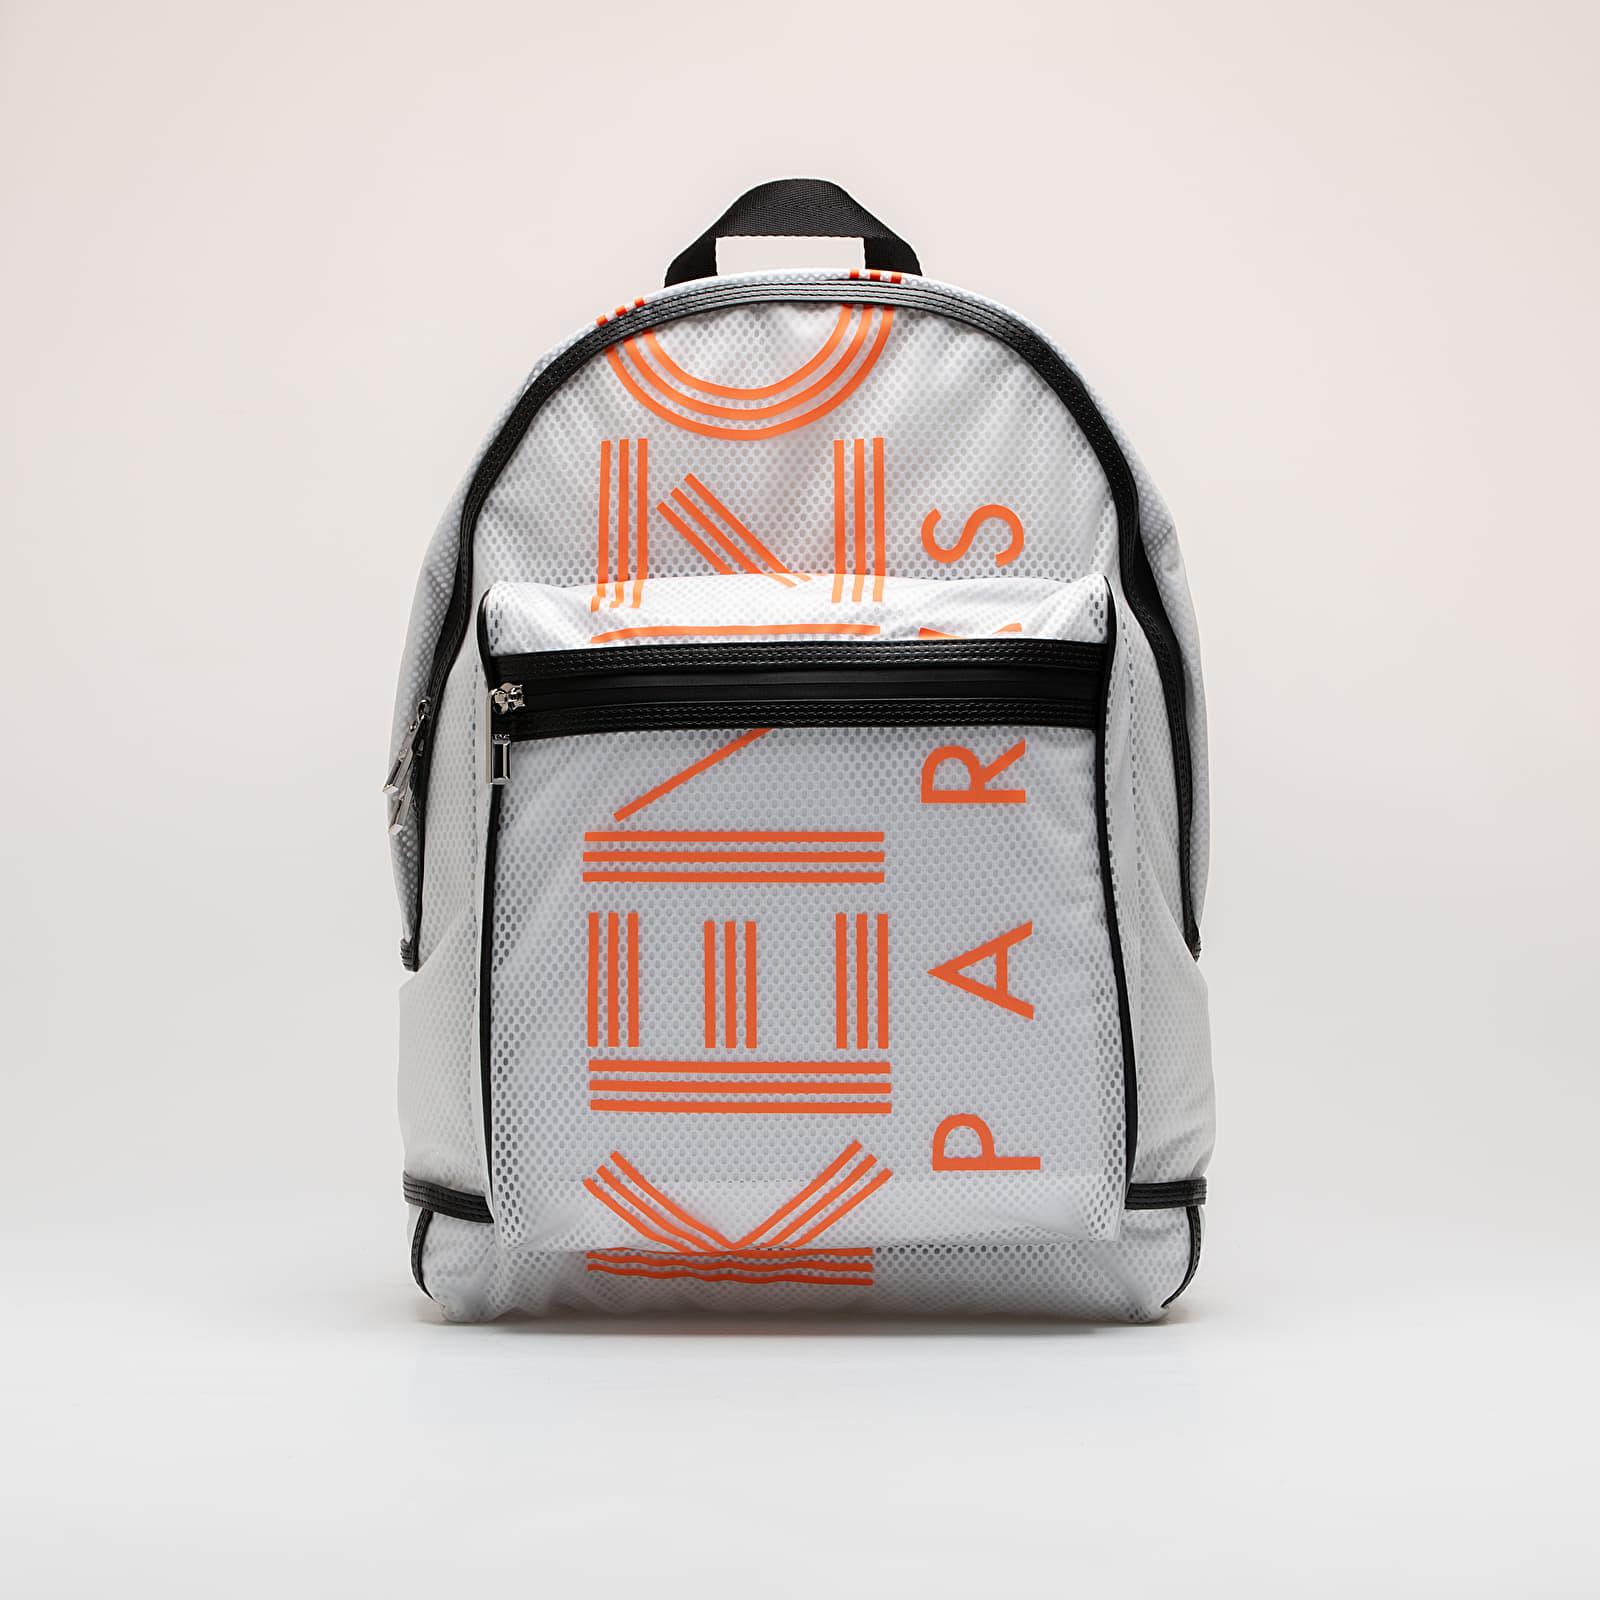 Backpacks KENZO Paris Large Rucksack White/ Orange